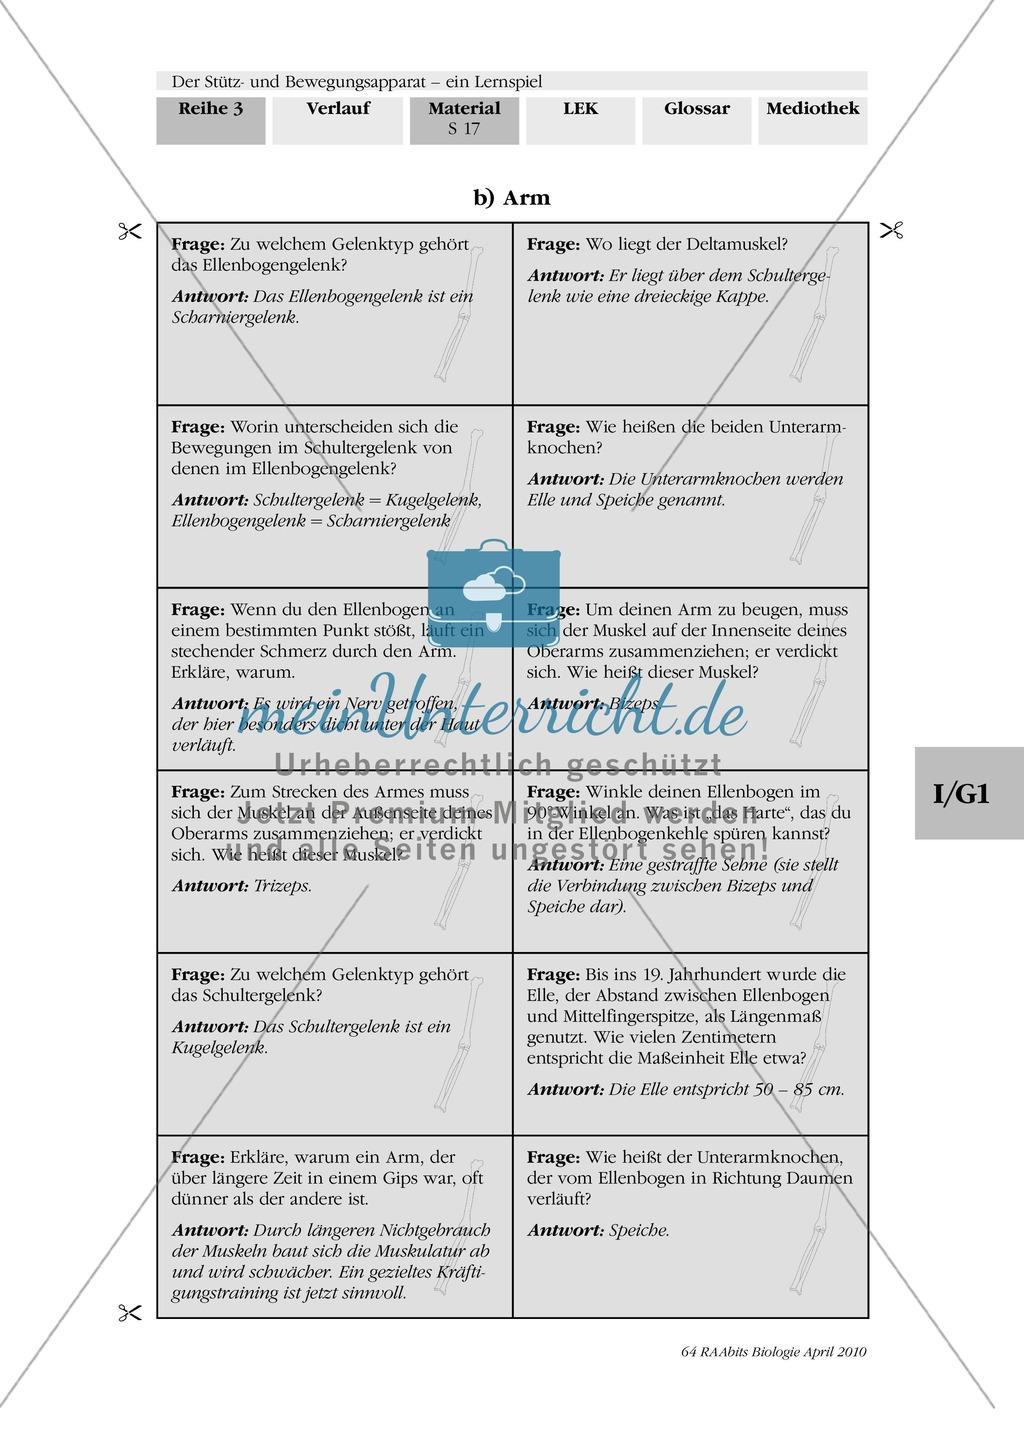 Lernspiel zum Stütz- und Bewegungsapparat: Spielanleitung, Spielfeld, Skelett-Puzzleteile, Fragen, Spielkarten, Röntgenbilder Kontrollbogen, Lösungsbogen Preview 15